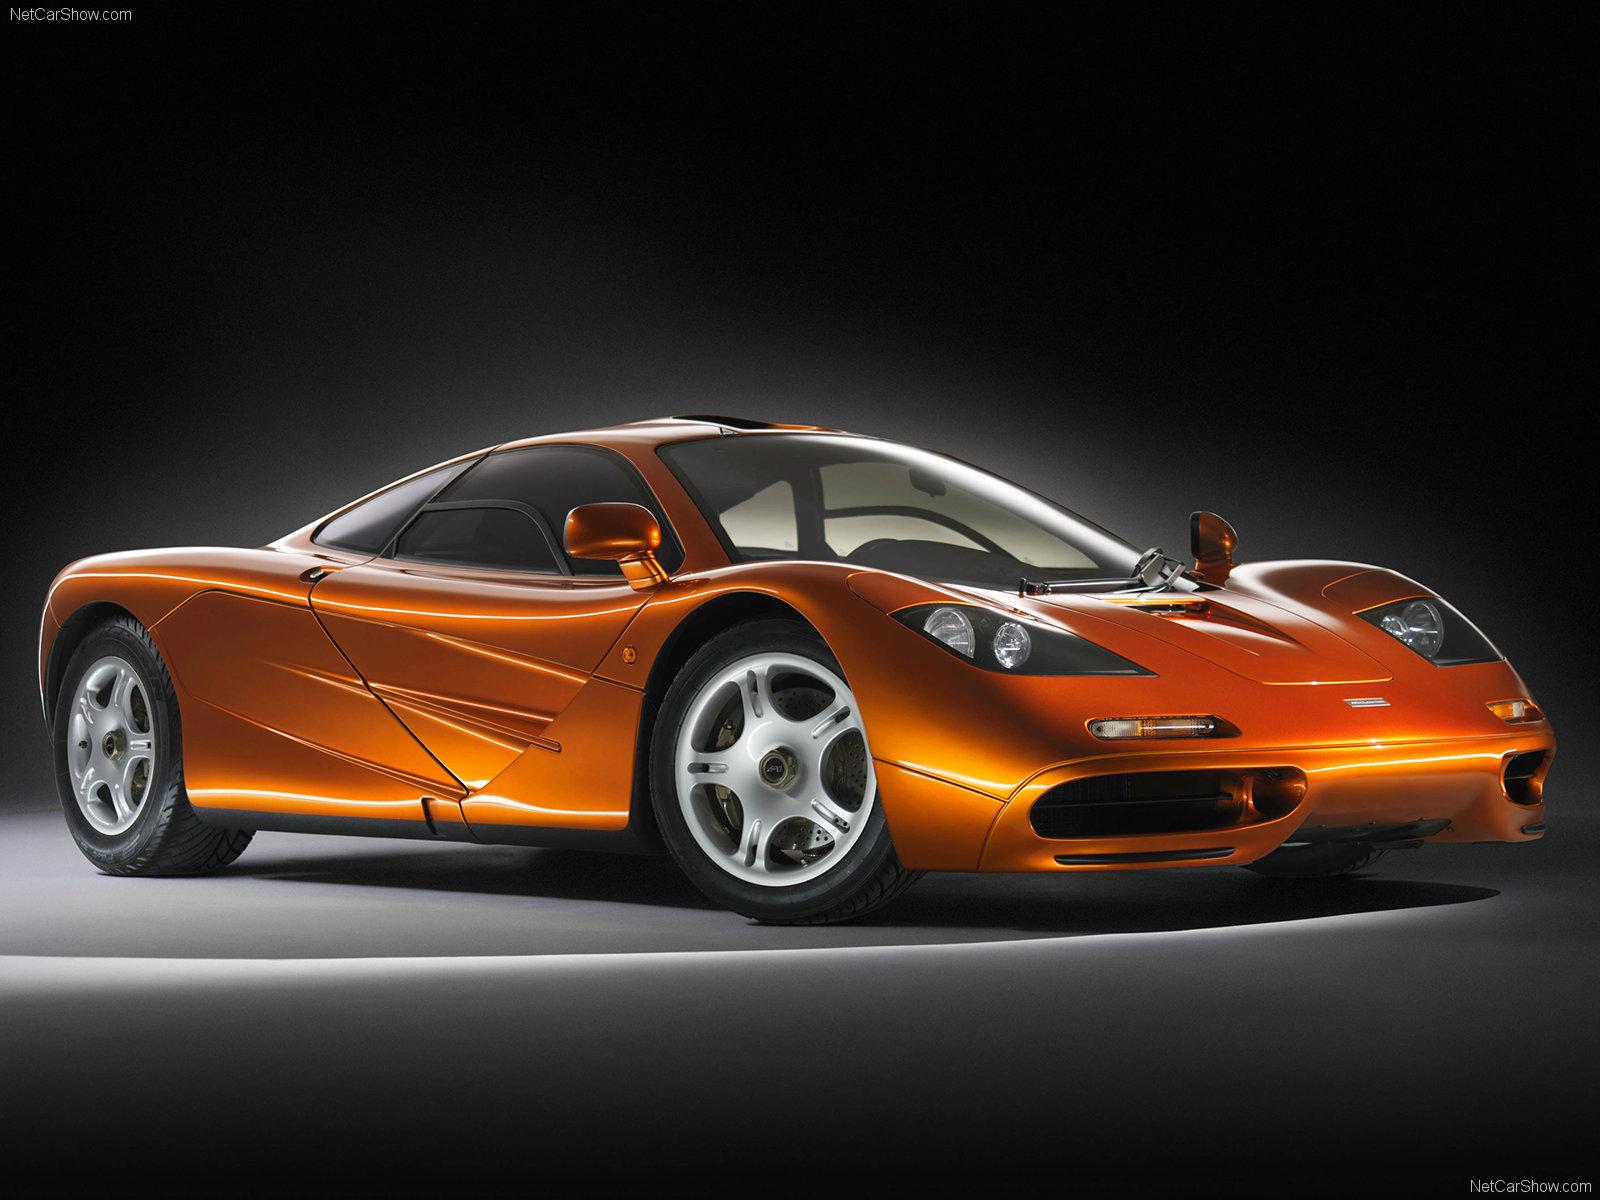 http://4.bp.blogspot.com/_8nq1o-6k1u0/TE95wXj5JDI/AAAAAAAAAI0/jOarUPbkFZY/s1600/McLaren-F1_1993_1600x1200_wallpaper_01.jpg